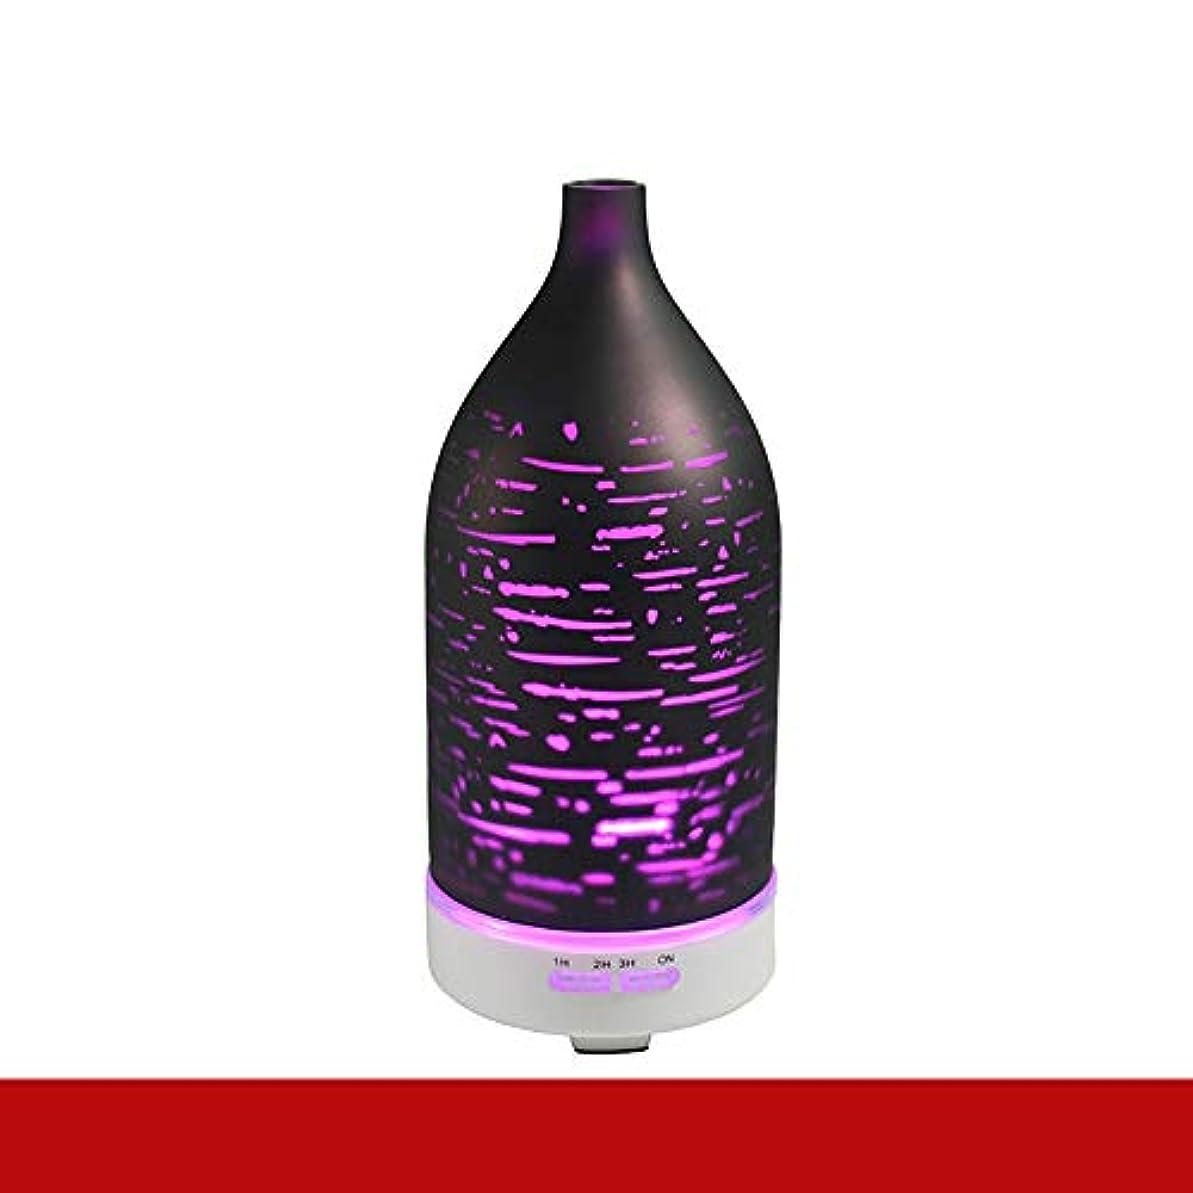 サスペンド女将サバントエッセンシャルオイルディフューザー電気超音波加湿器アロマセラピークールミスト加湿器空気清浄機7色 LED ライトホームベビールームベッドルームオフィス